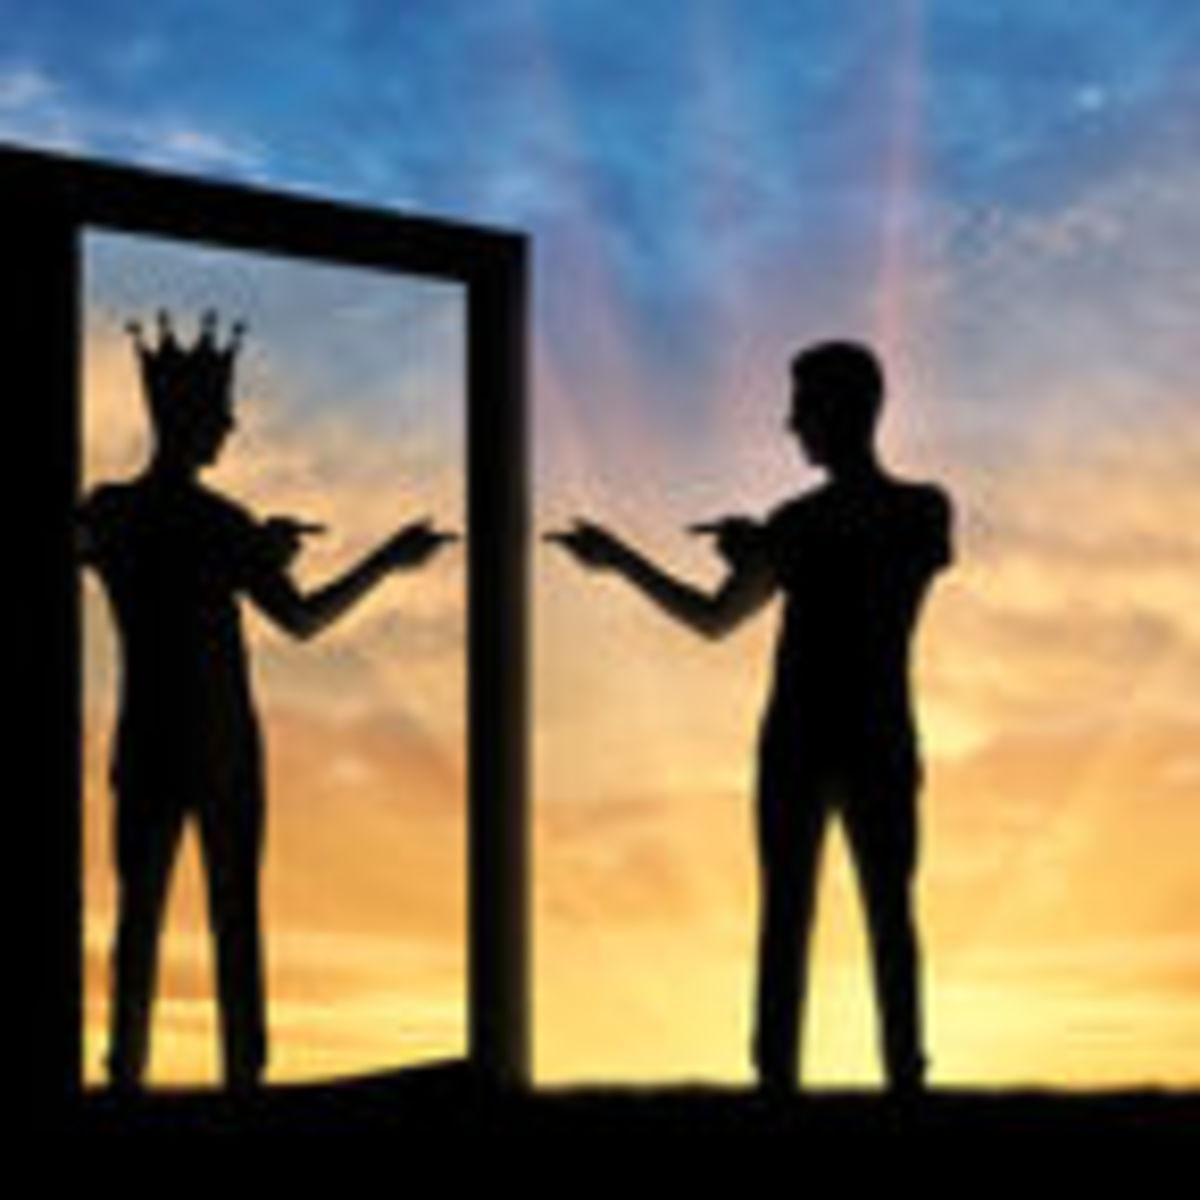 b5dd35e63 Difference Between a Narcissist vs. Narcissistic Behavior ...